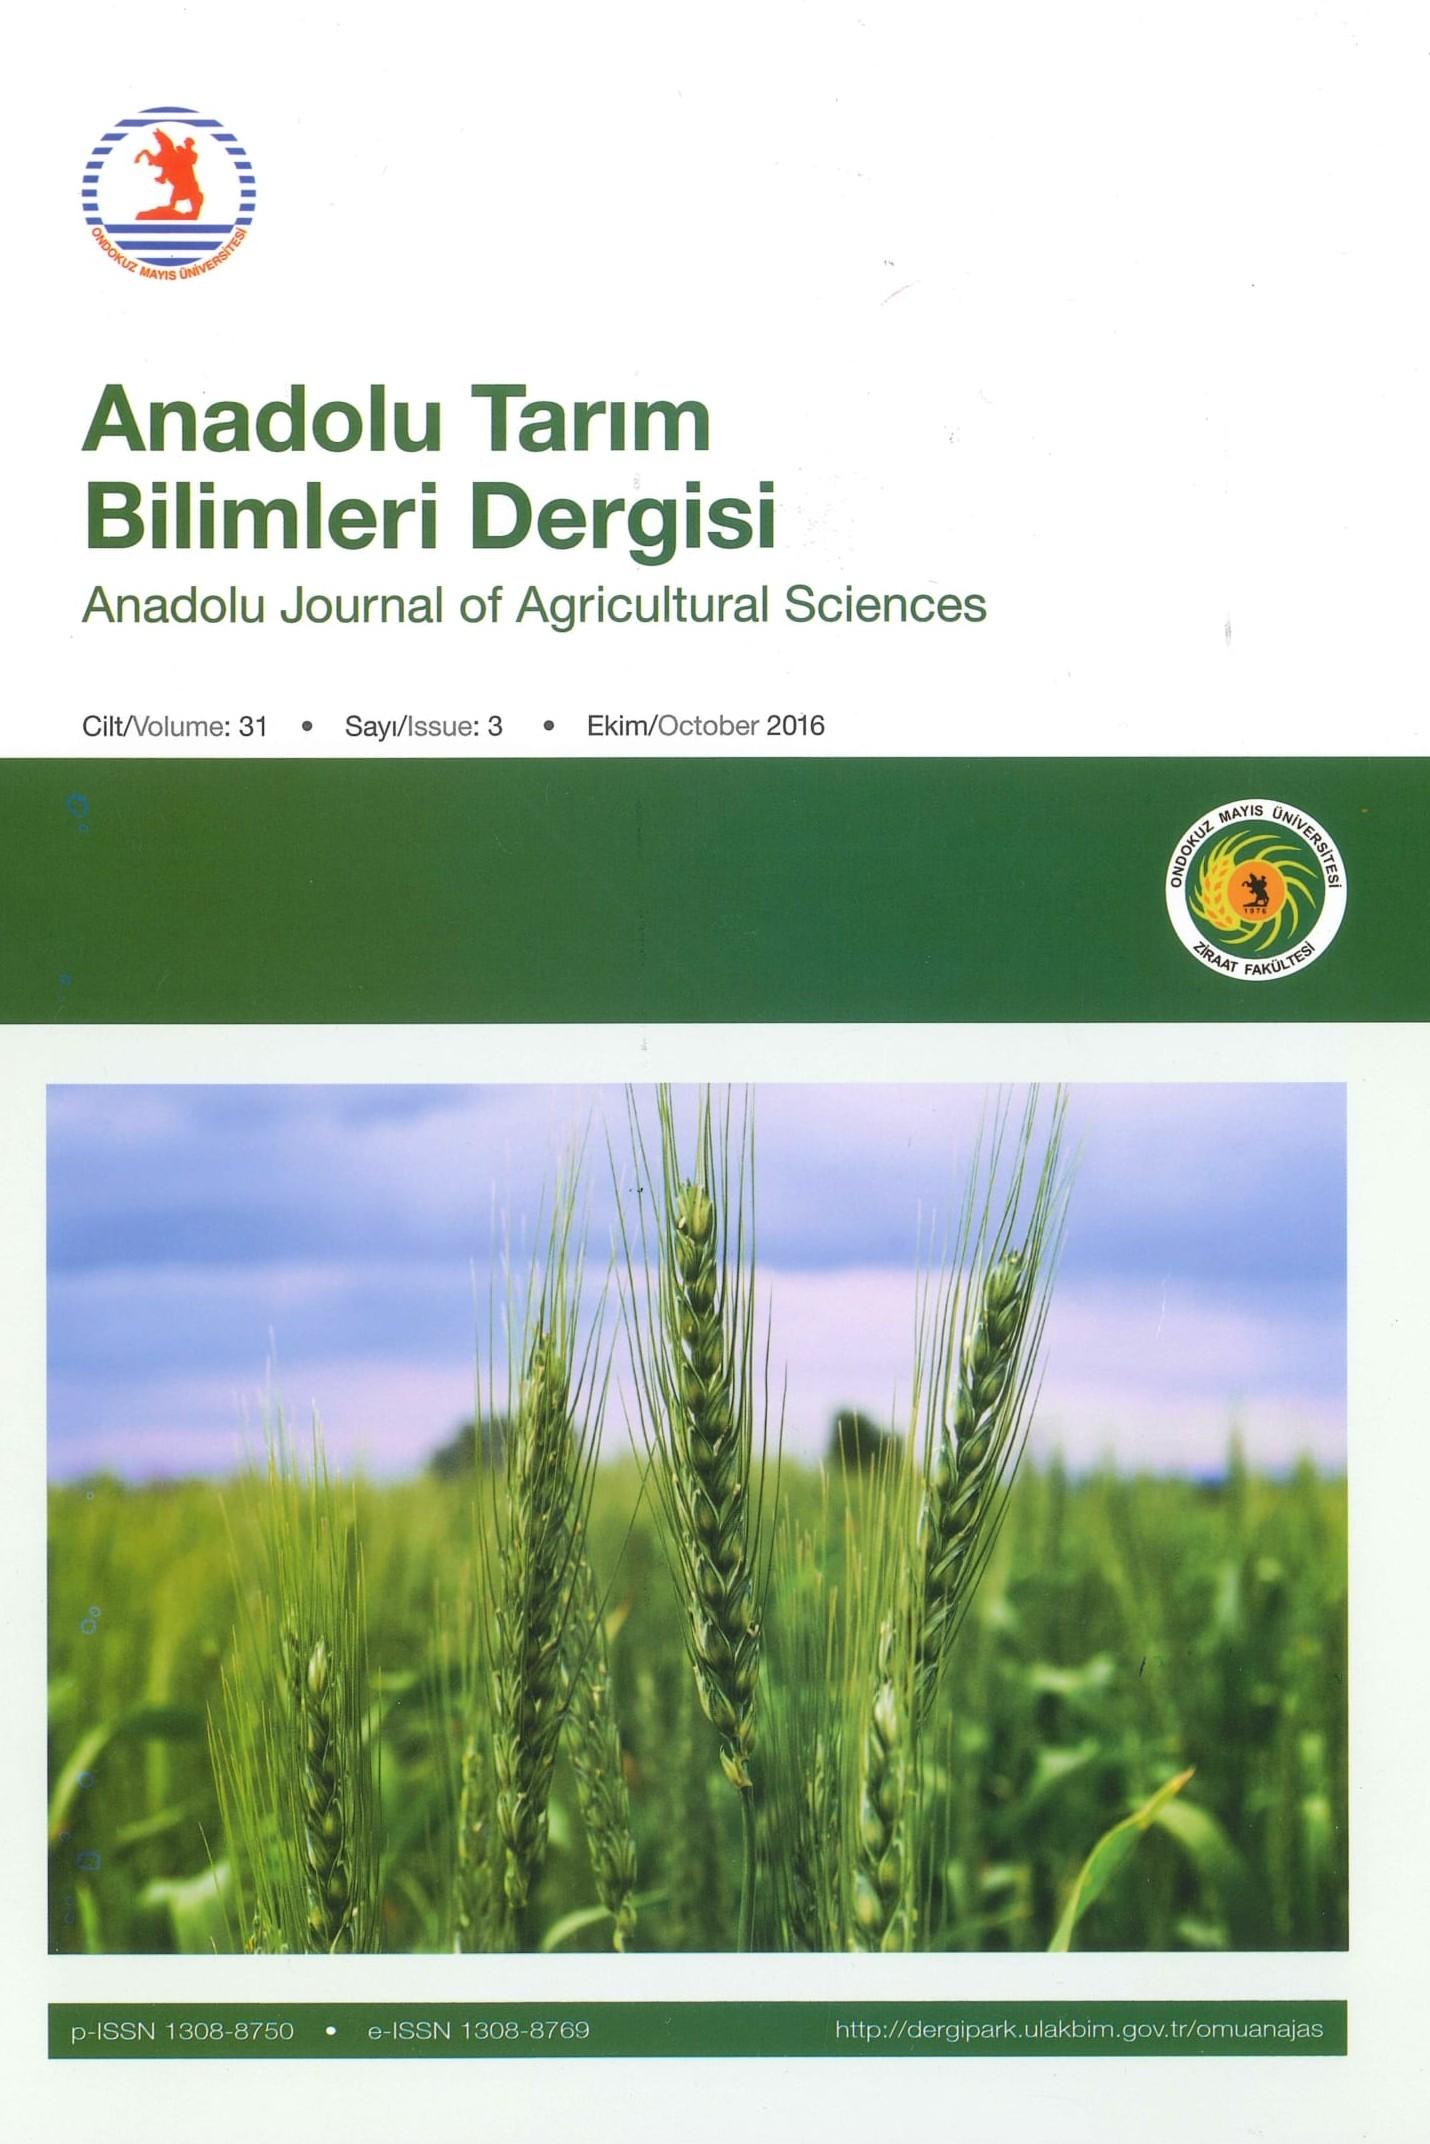 Anadolu Tarım Bilimleri Dergisi